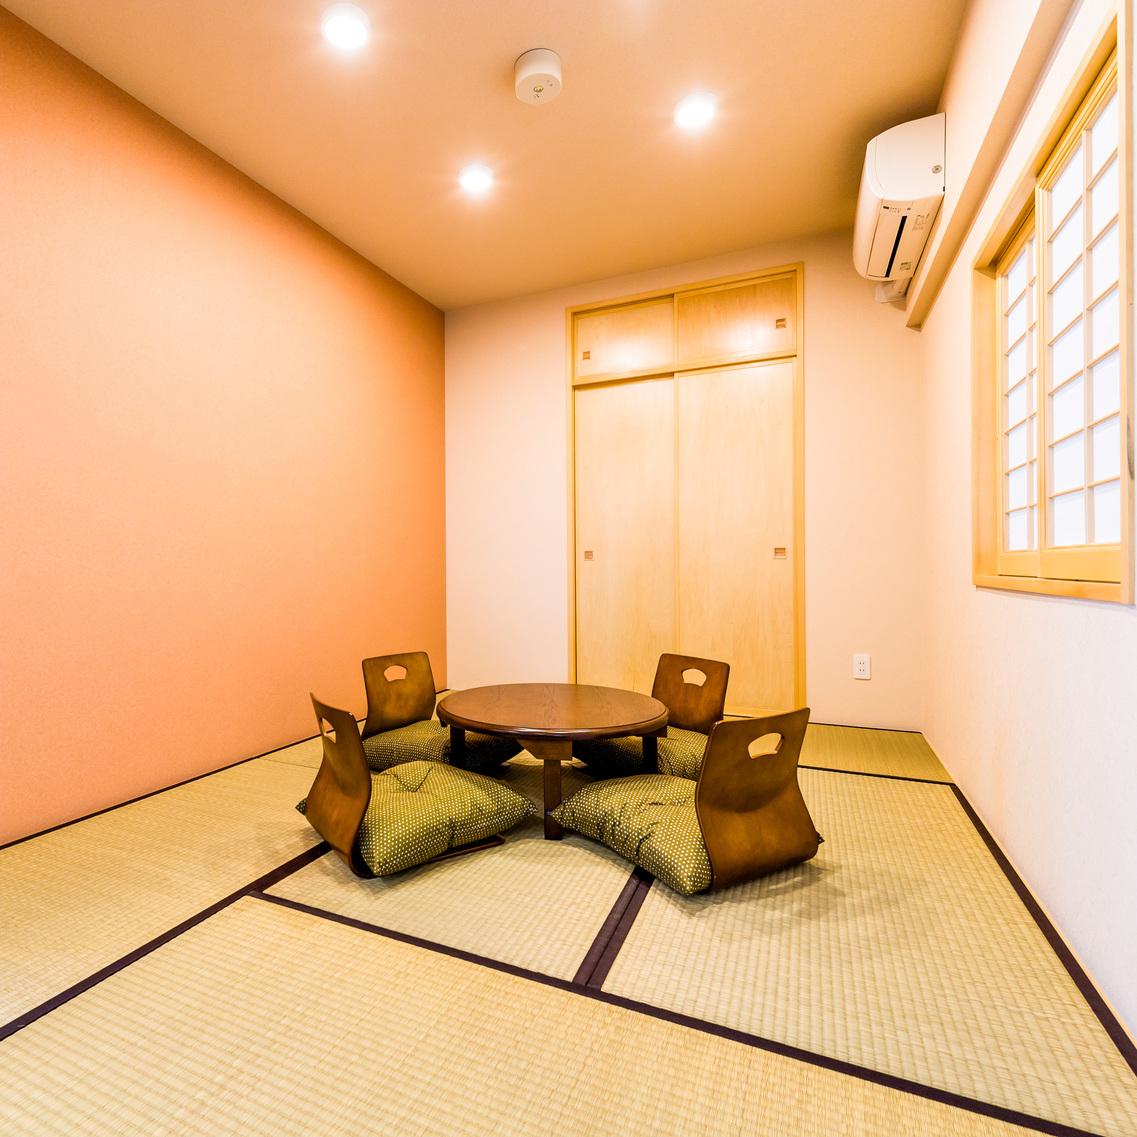 MINATO Chatan Seaside Condominium / 【宿カリ7】広々ゆったりのお部屋で寛ぎのコンドミニアムステイ《素泊り》 #2